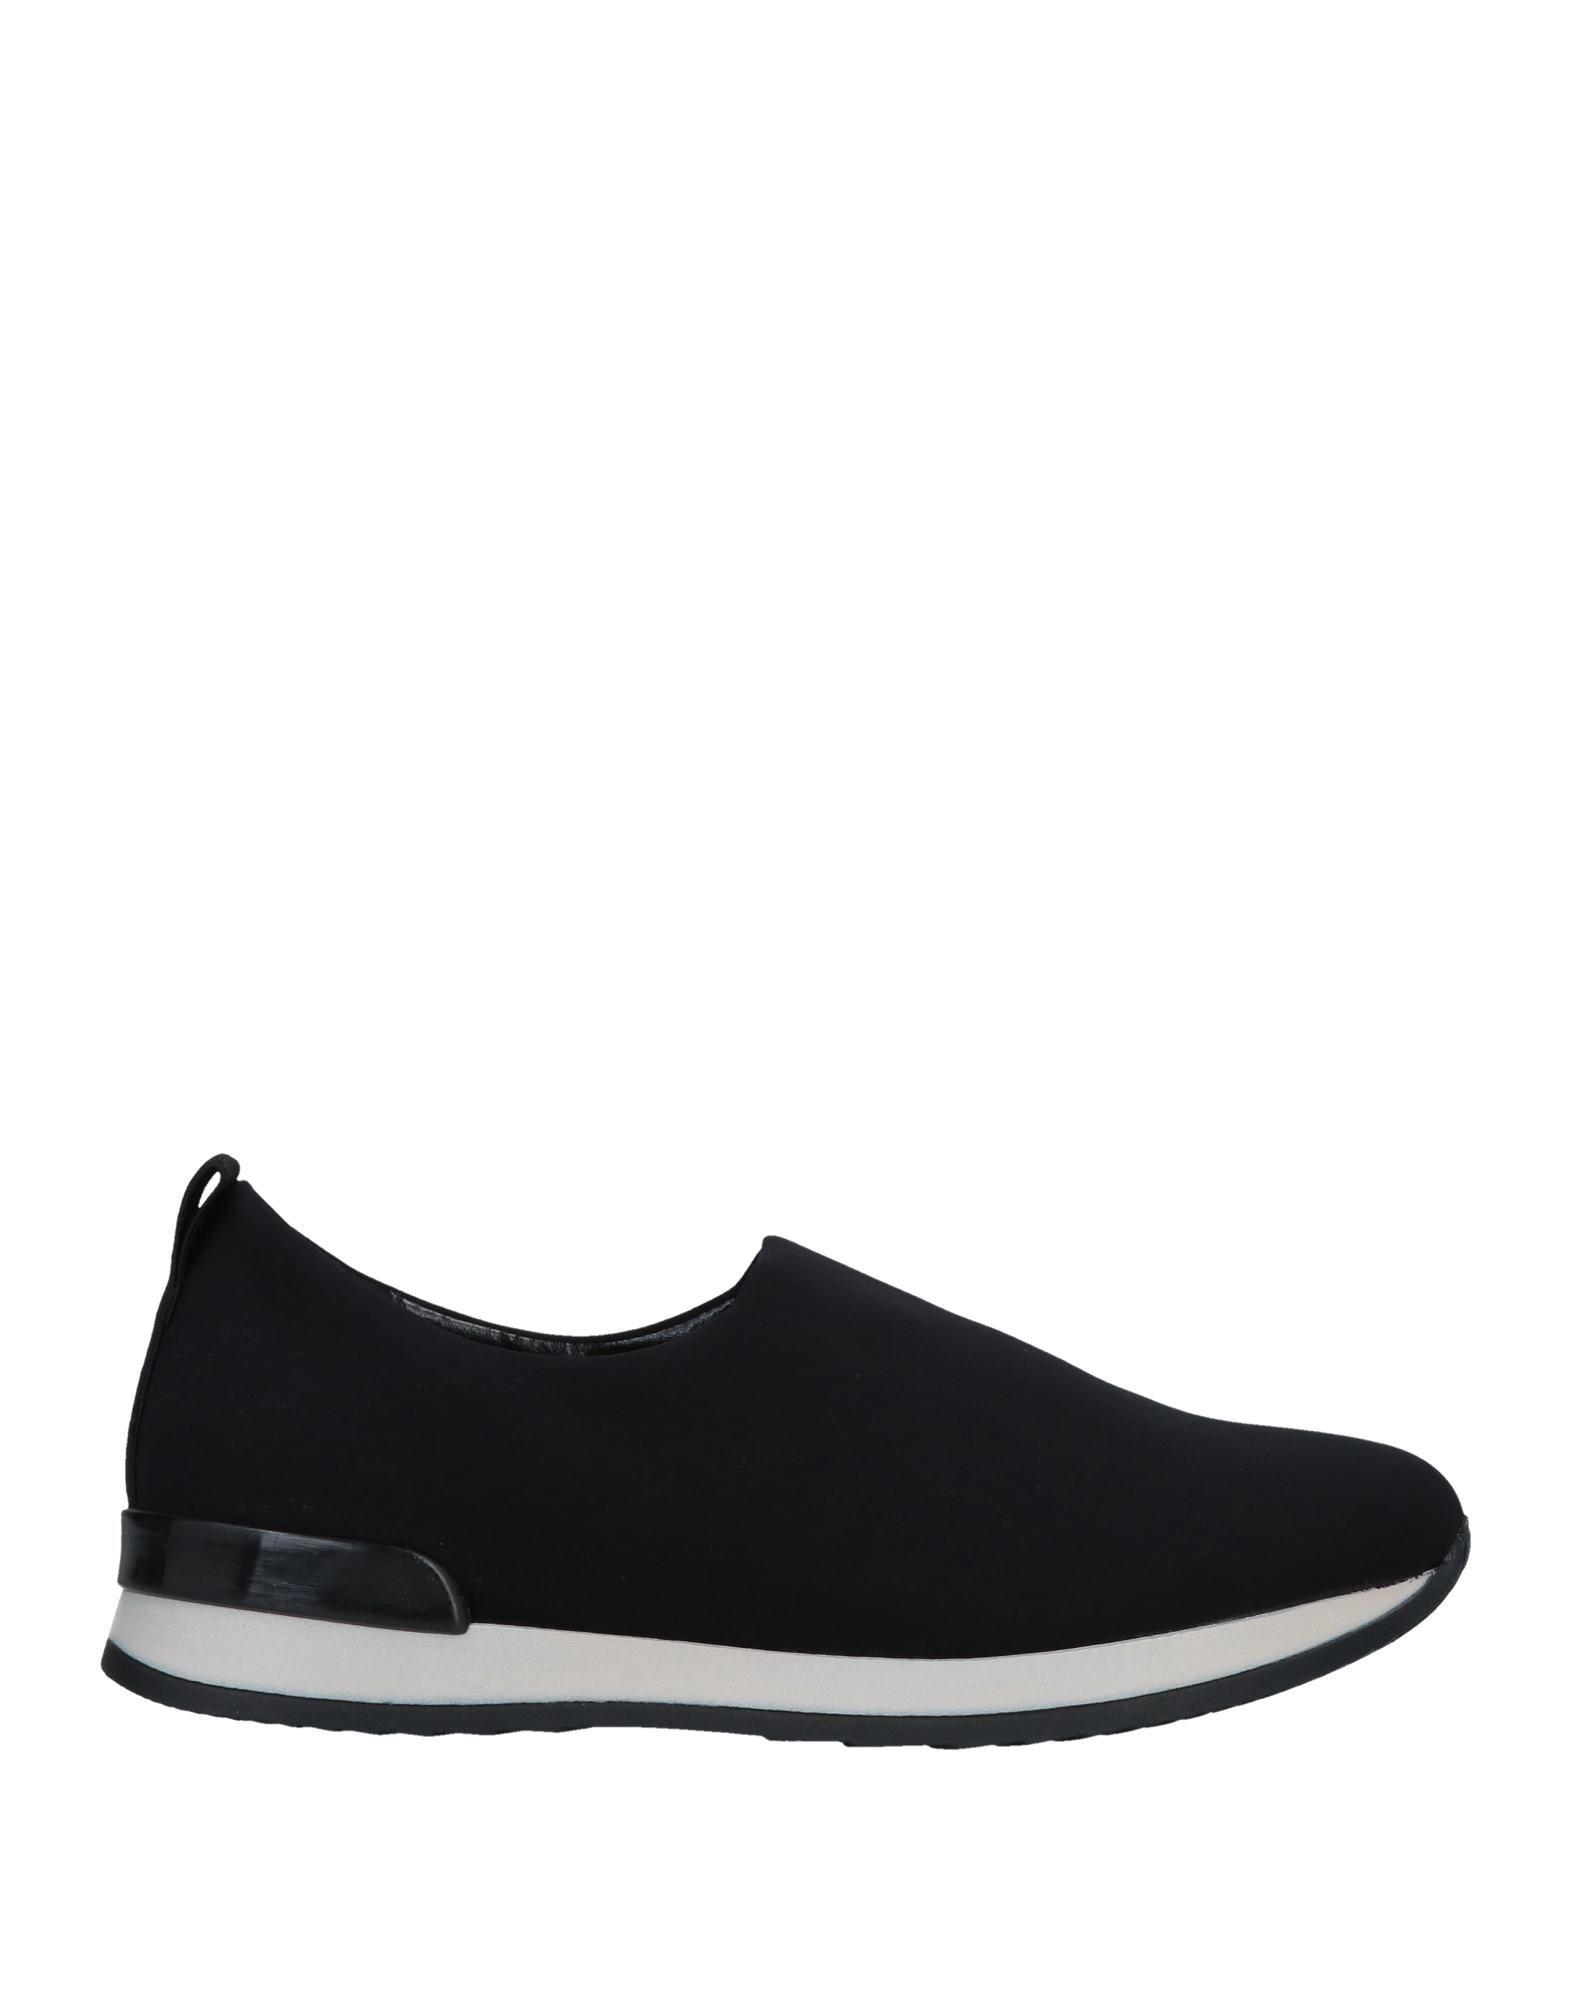 NR RAPISARDI | NR RAPISARDI Low-tops & sneakers | Goxip